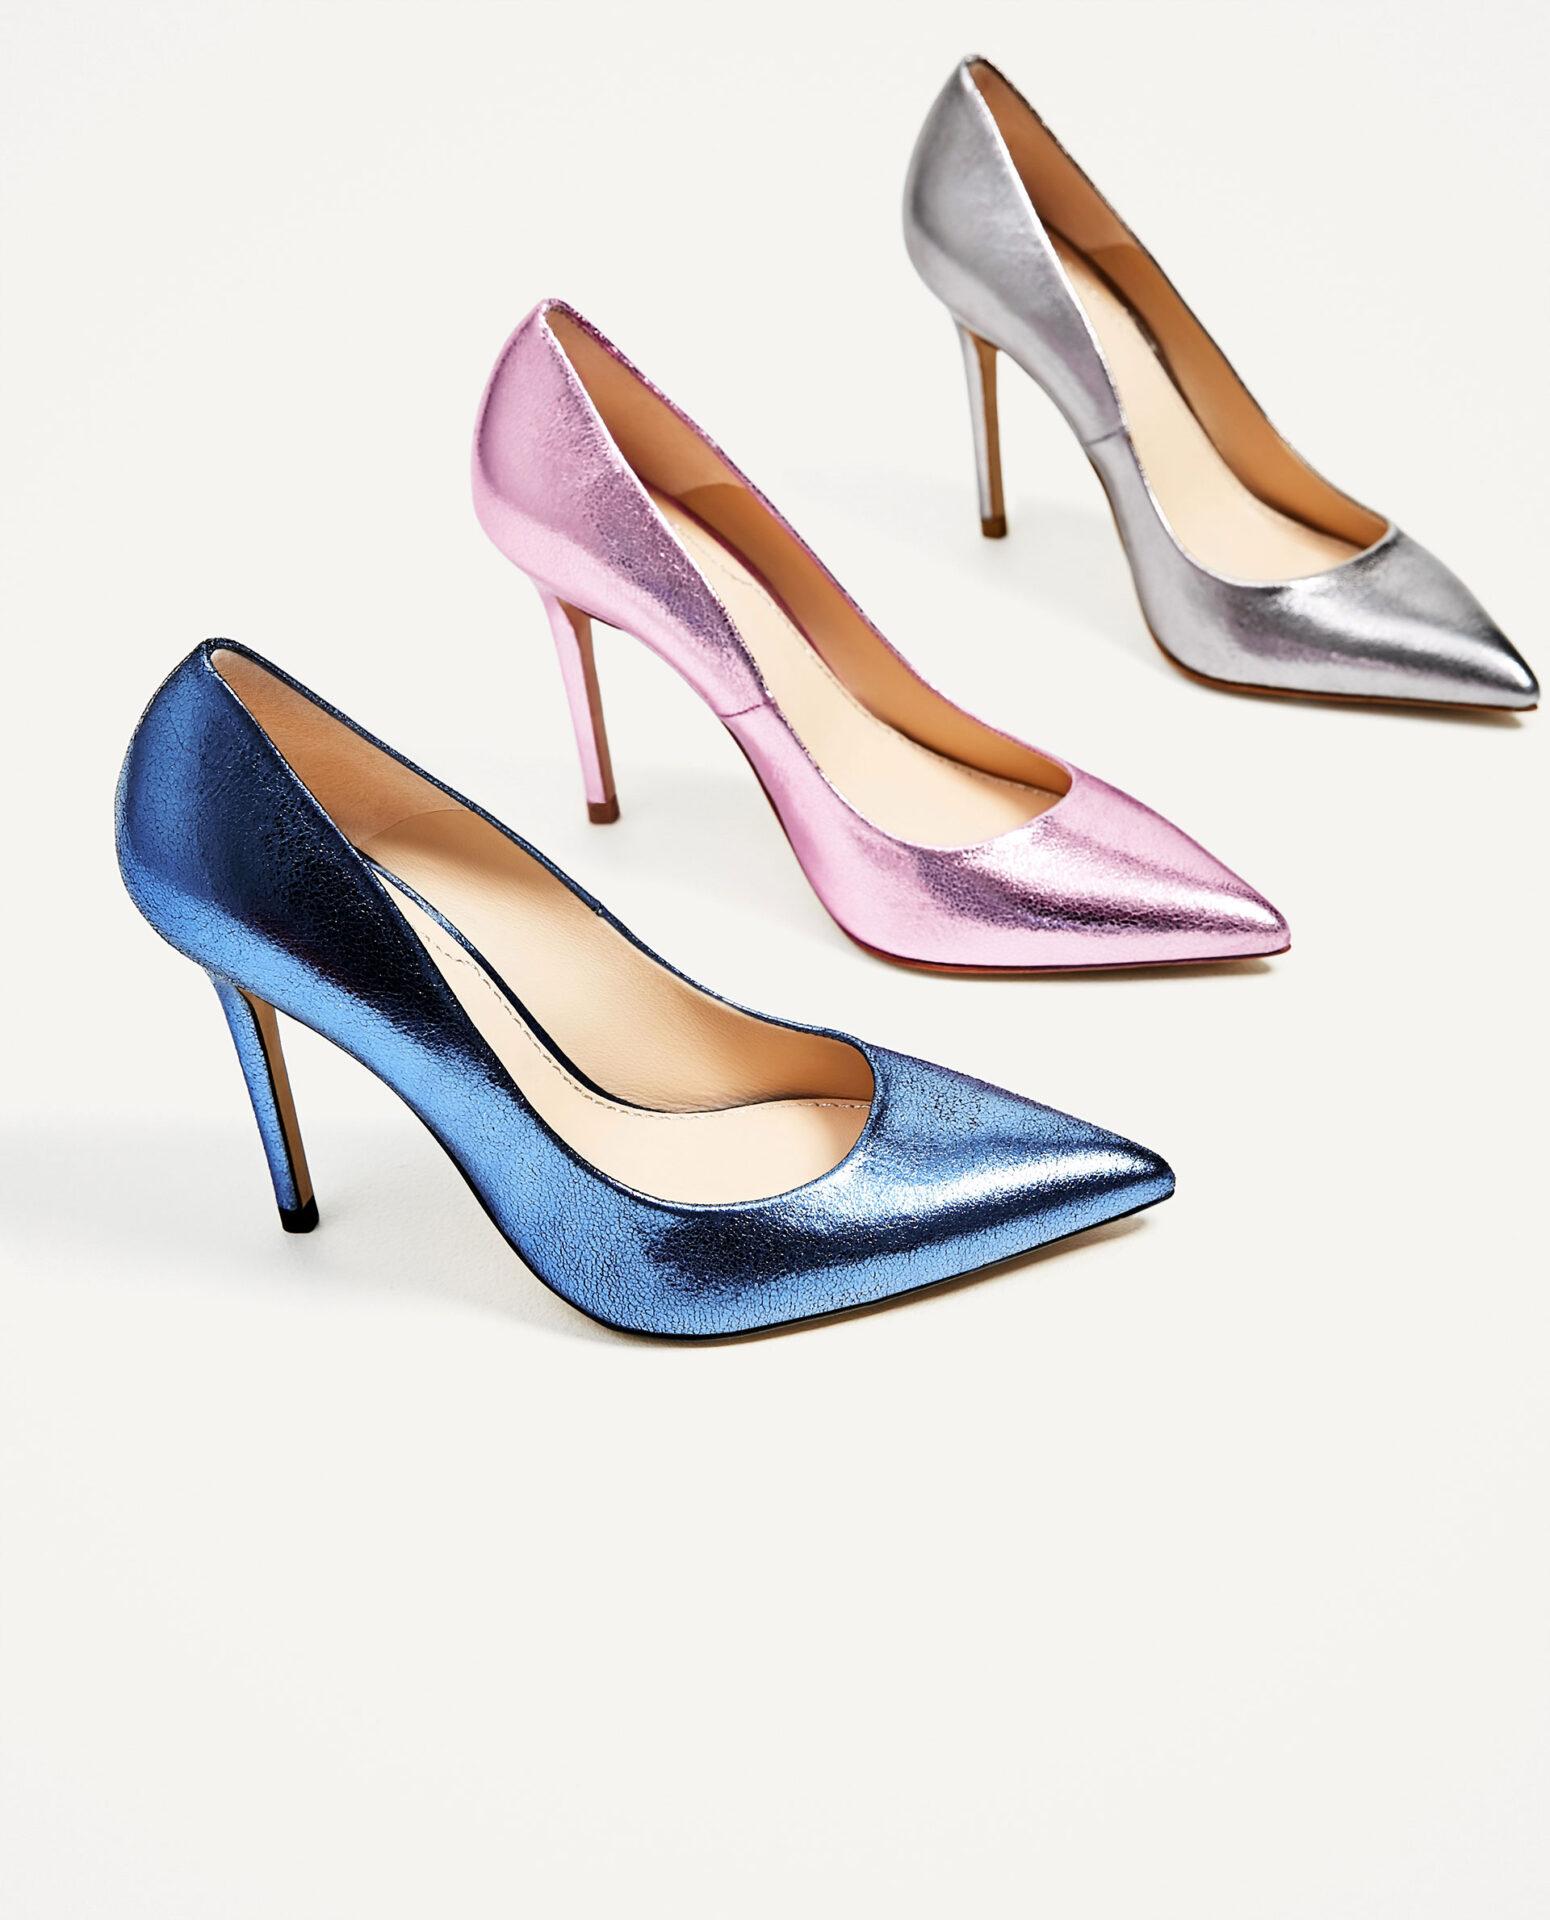 Zapatos Precios Zara Moda Mujer Modelos De 2019 Qqyzi Y kn08wOXP